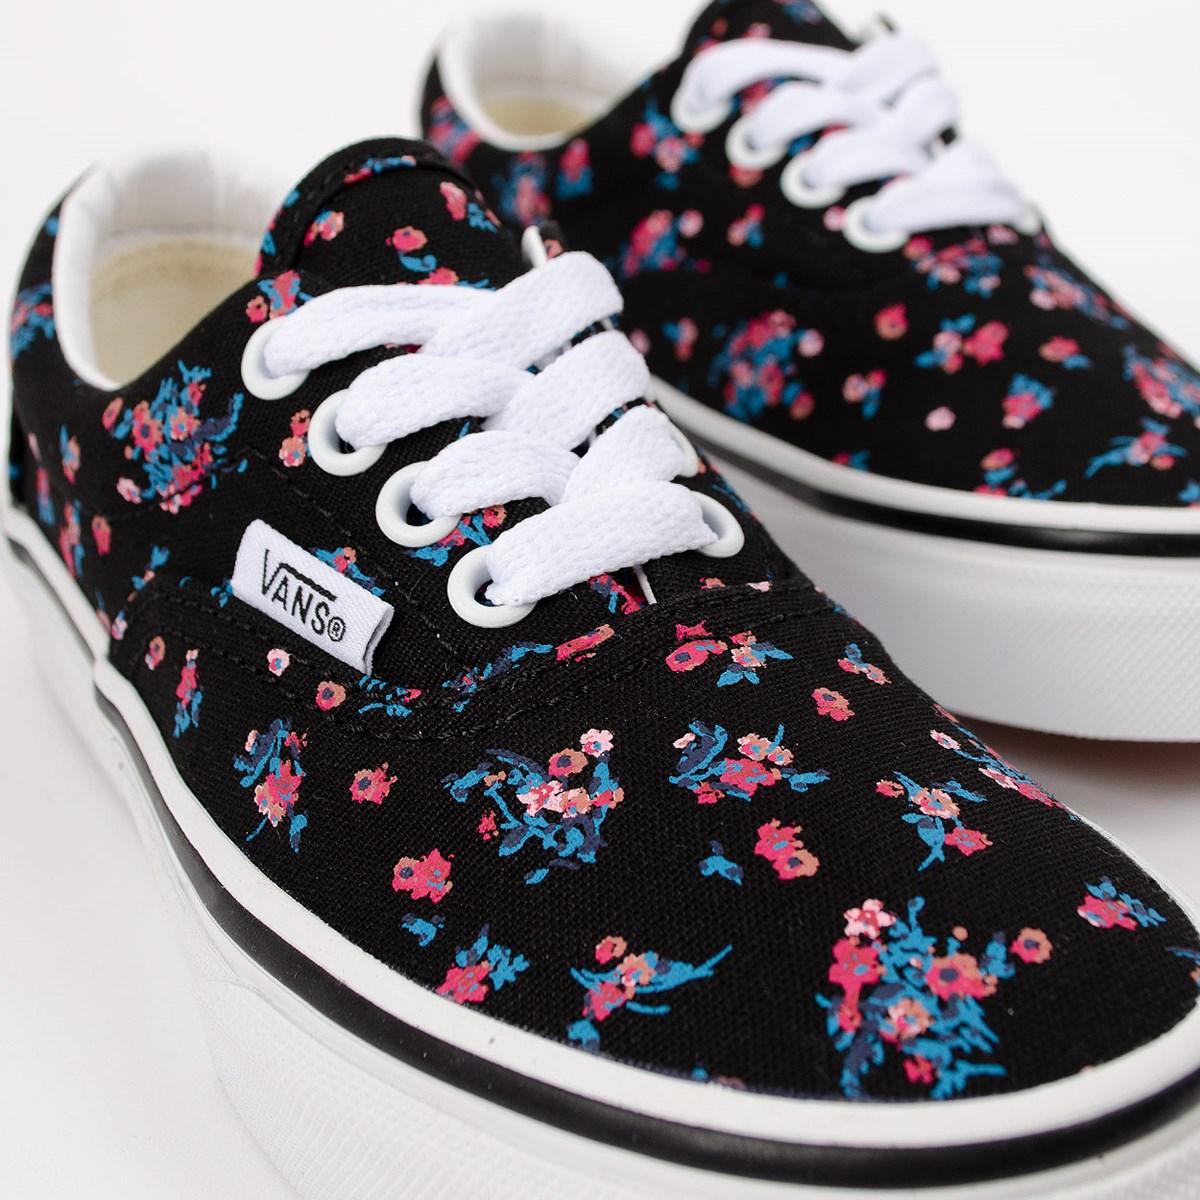 Tênis Vans Era Ditsy Floral Kids Black True White VN0A38H88KI